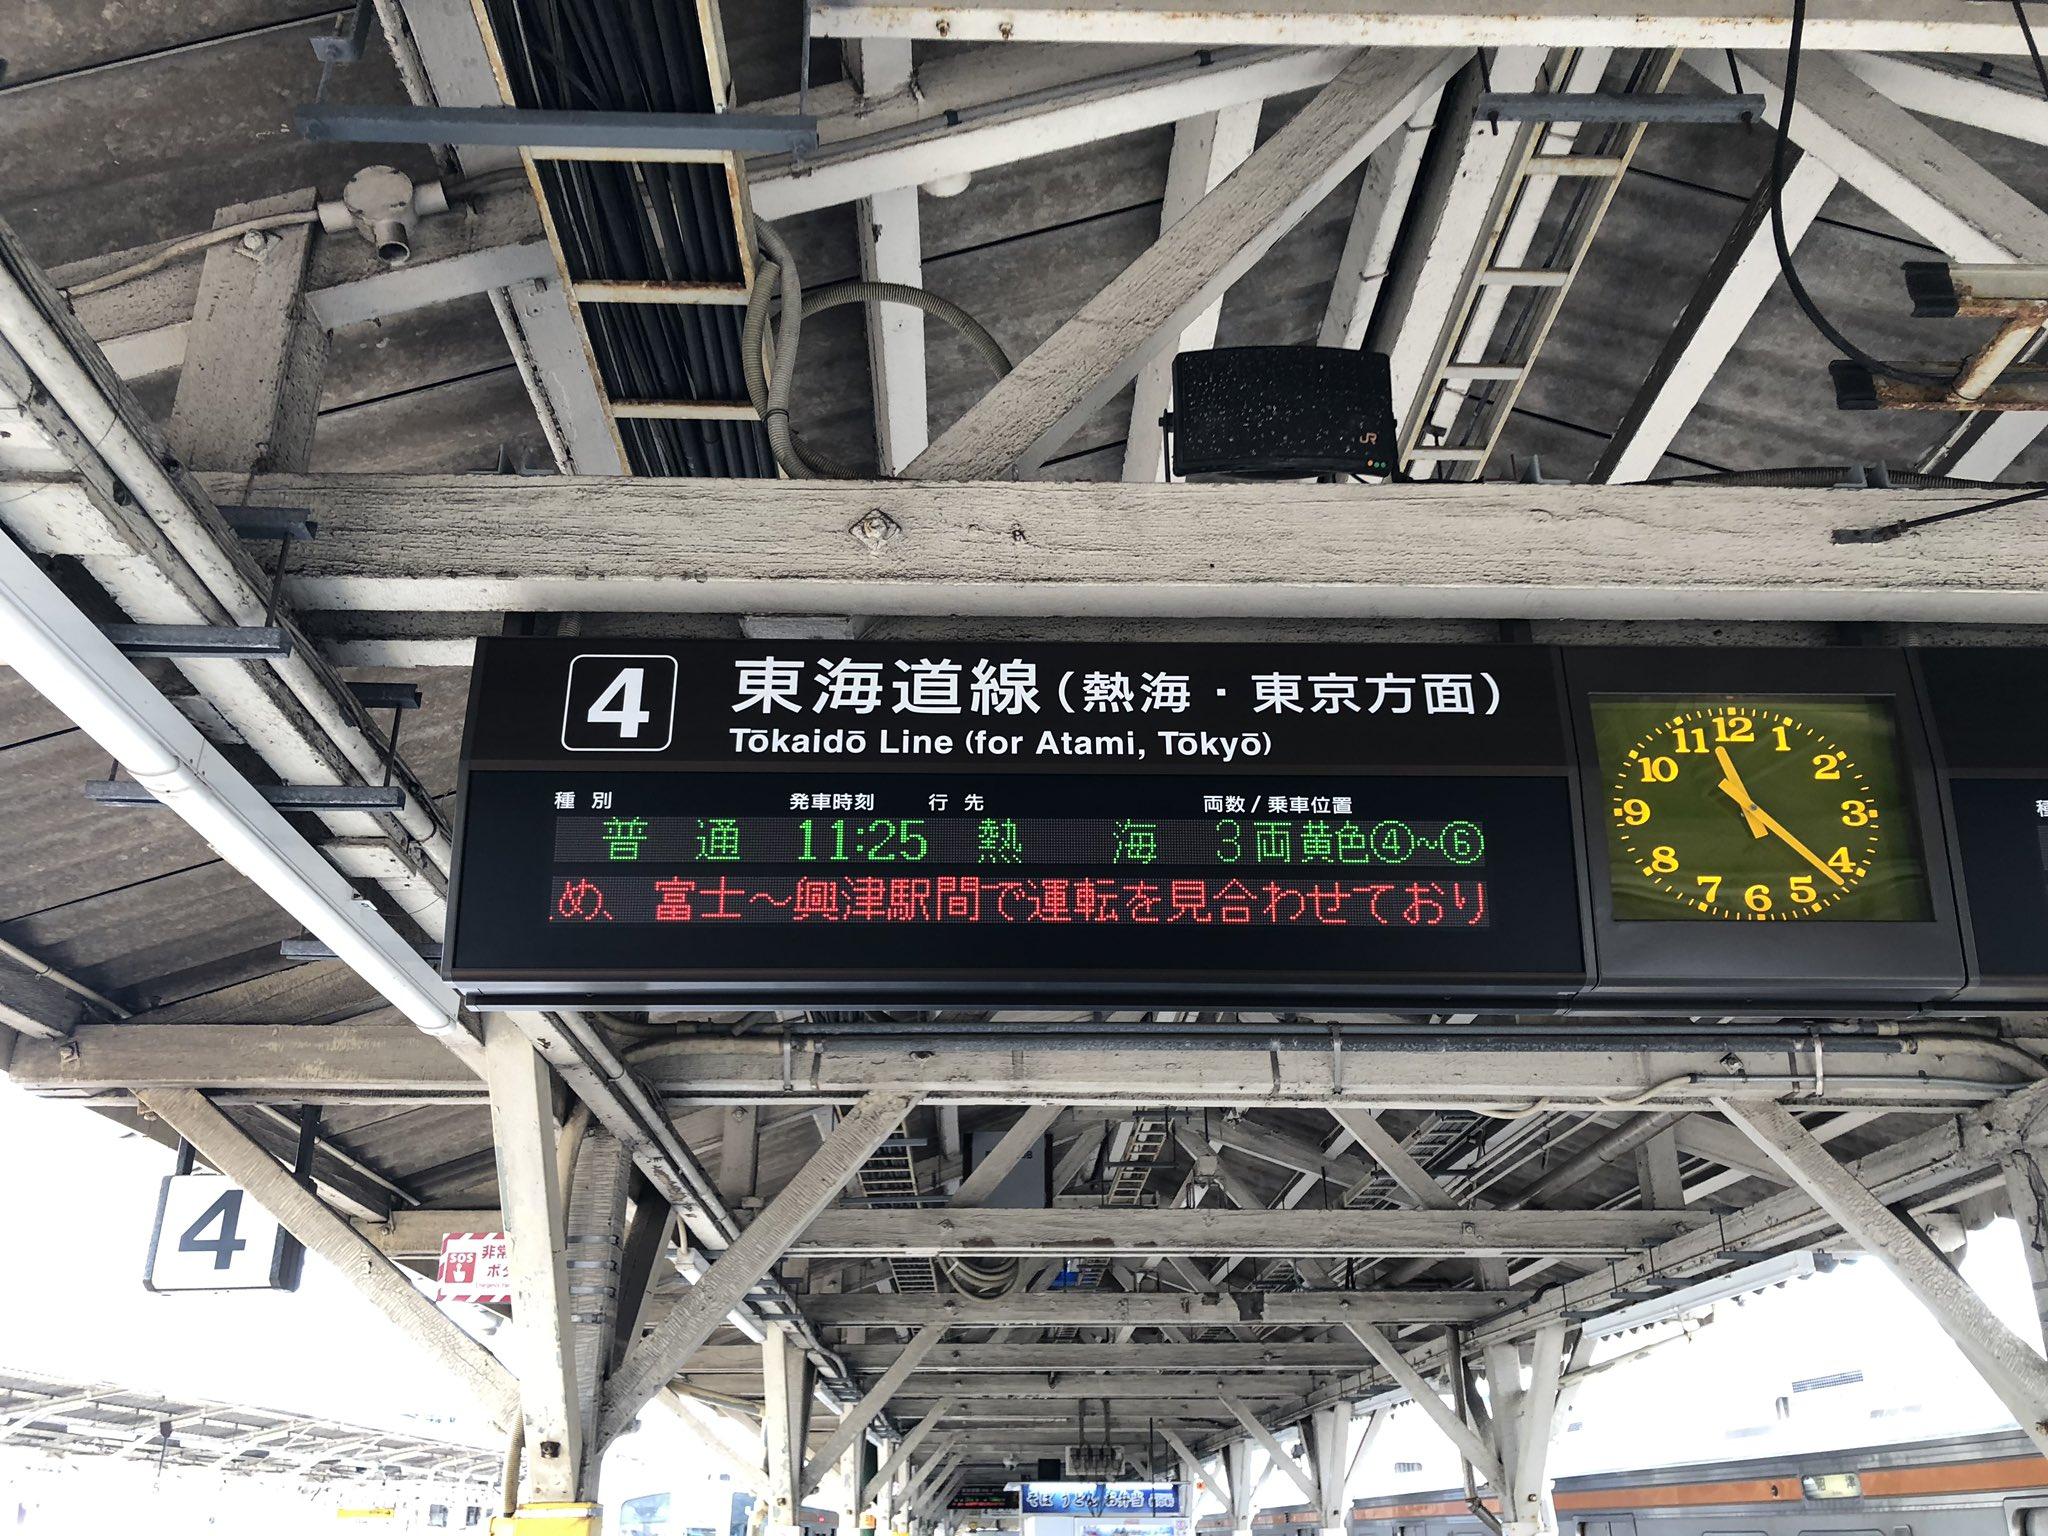 東海道線の由比駅~興津駅間で人身事故が起きた掲示板の画像